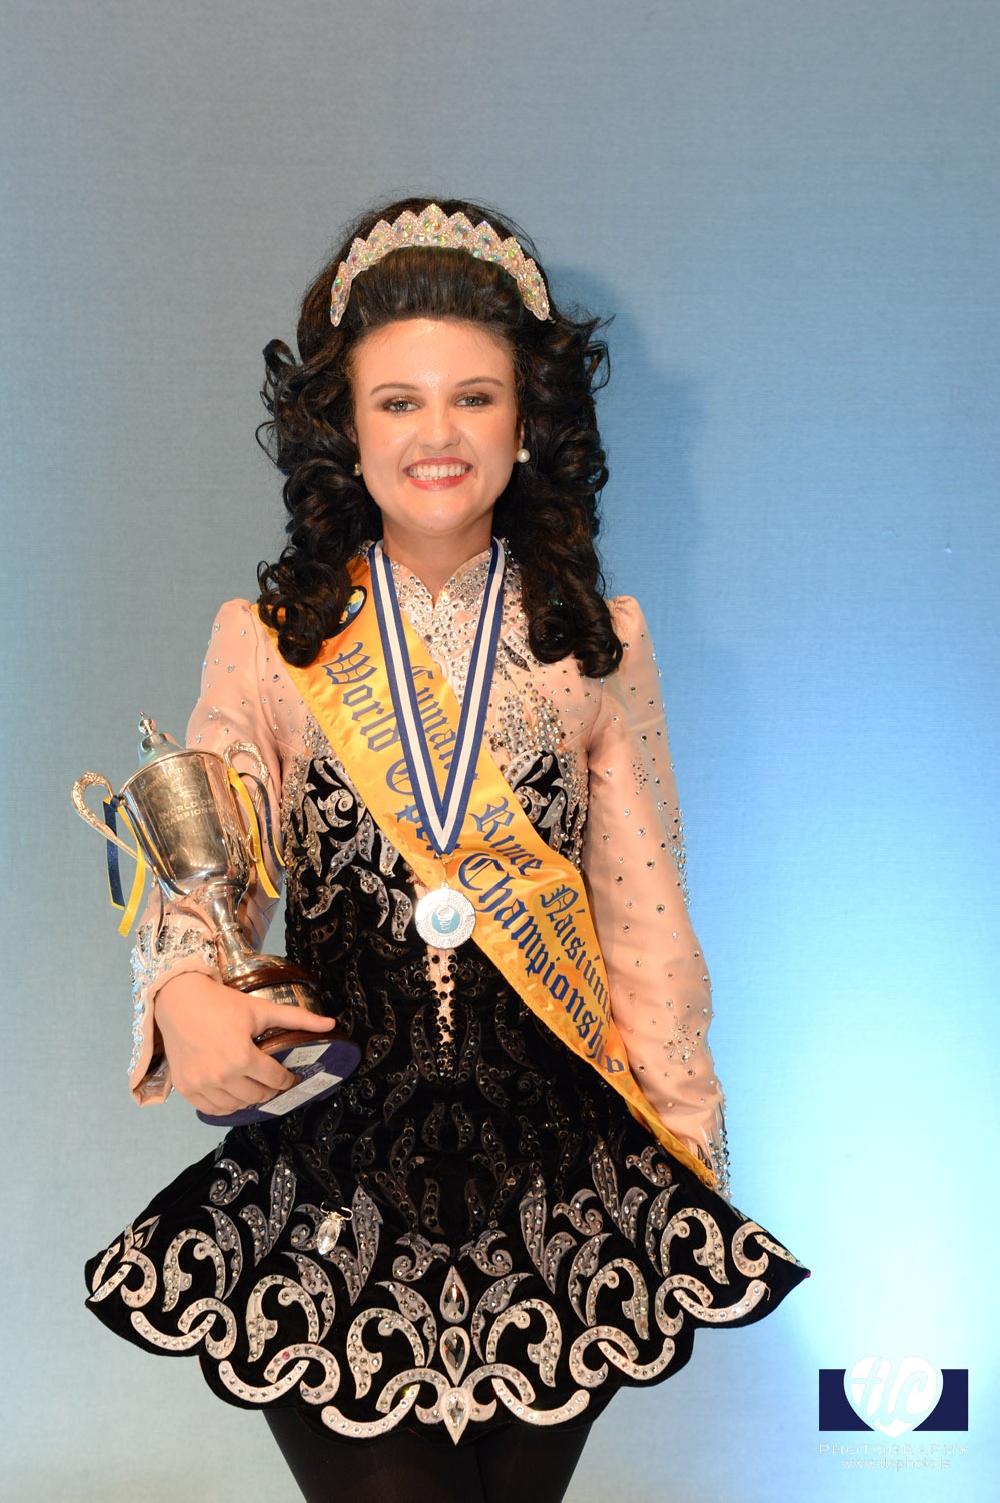 Ladies Under 21 prize winner